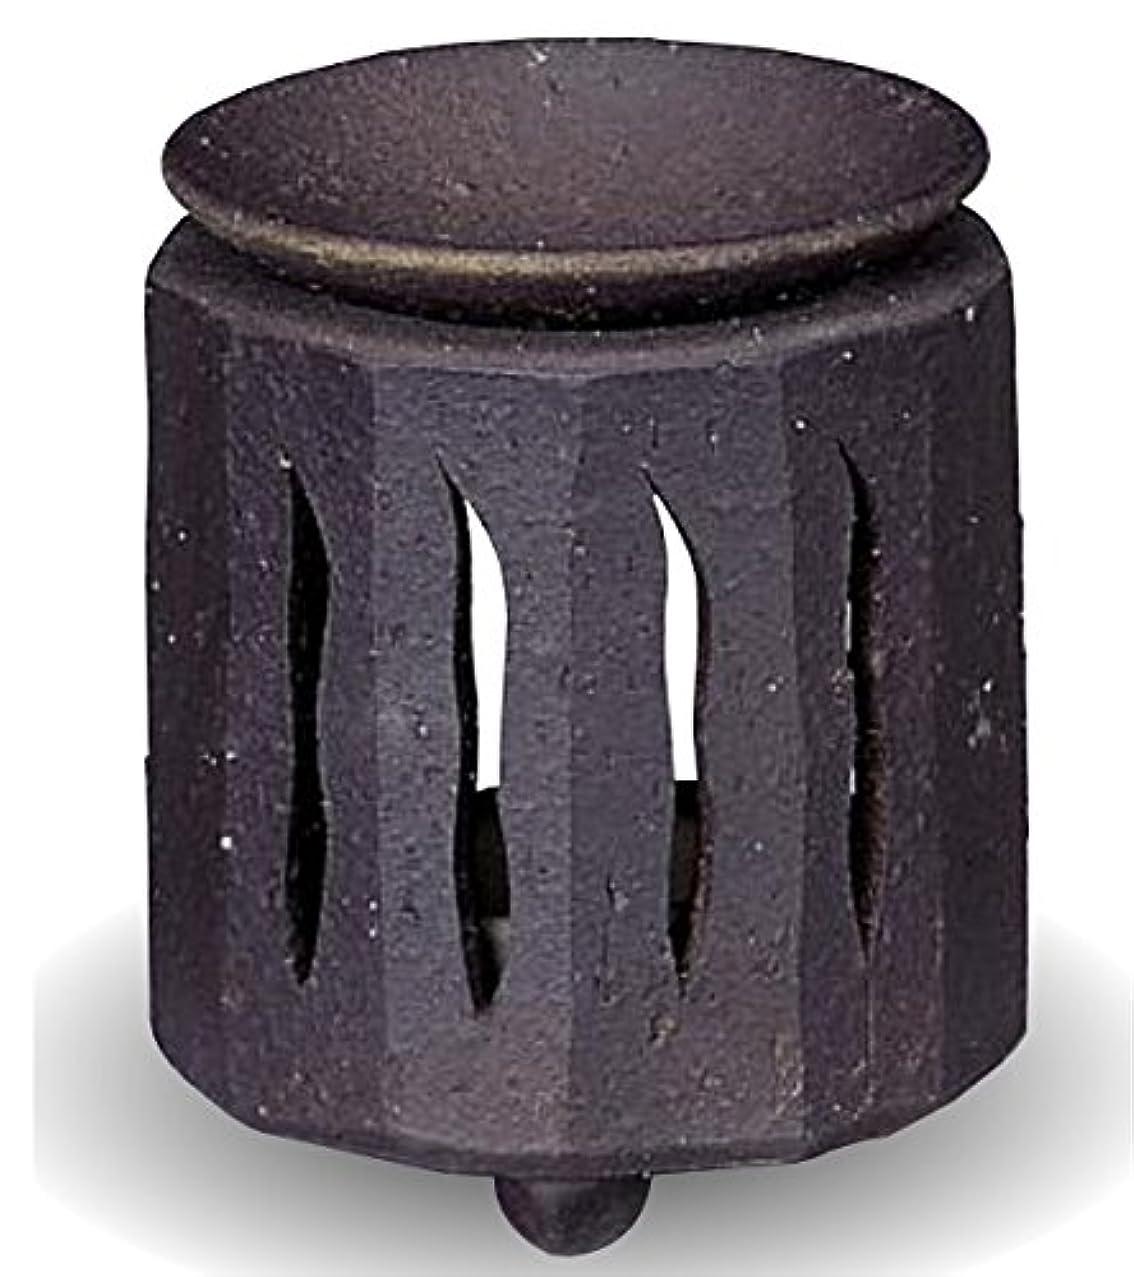 容赦ないフラグラント常滑焼 茶香炉(アロマポット)径9×高さ11cm